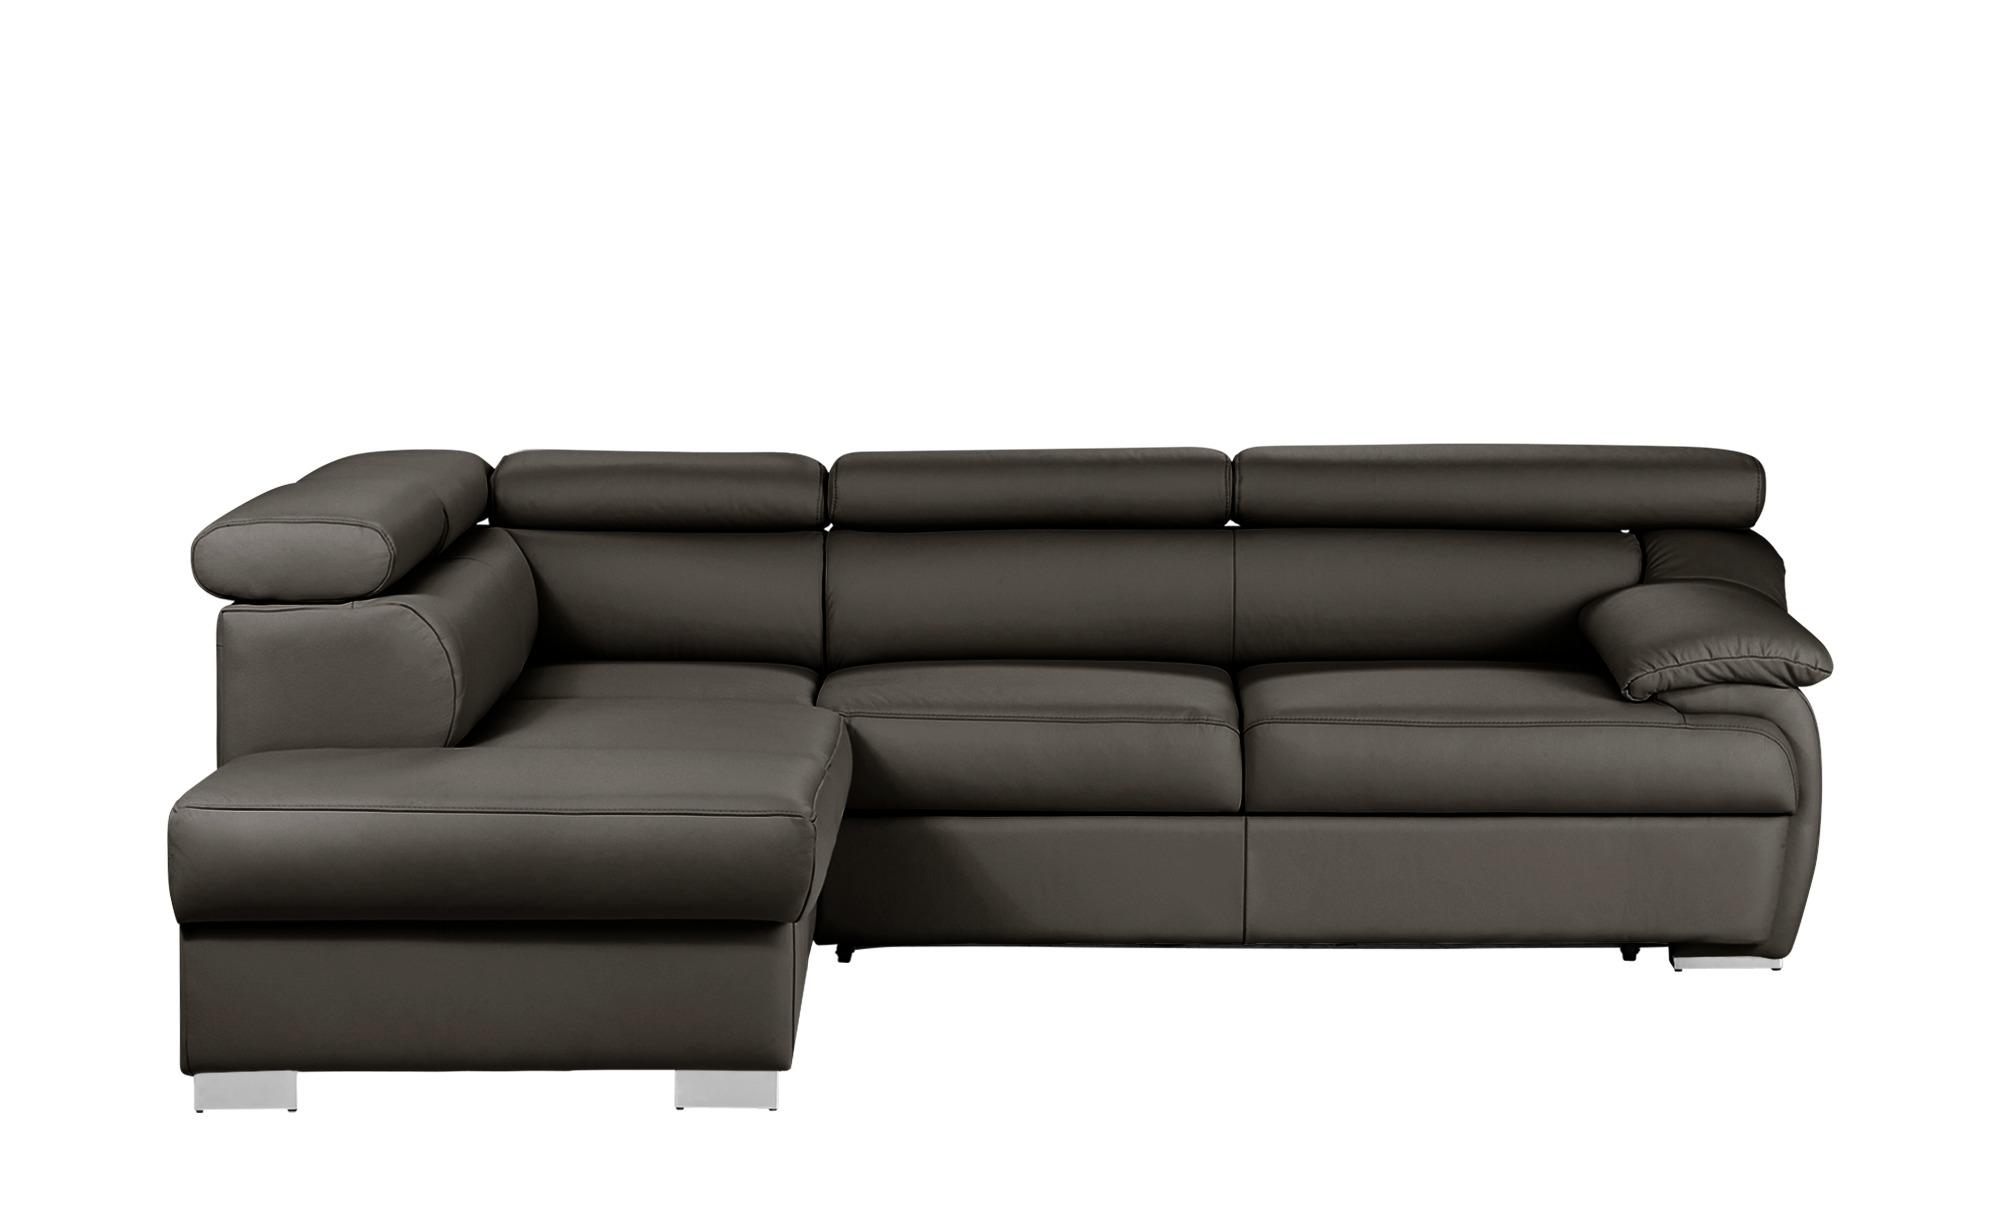 uno ecksofa bari breite h he braun online kaufen bei woonio. Black Bedroom Furniture Sets. Home Design Ideas